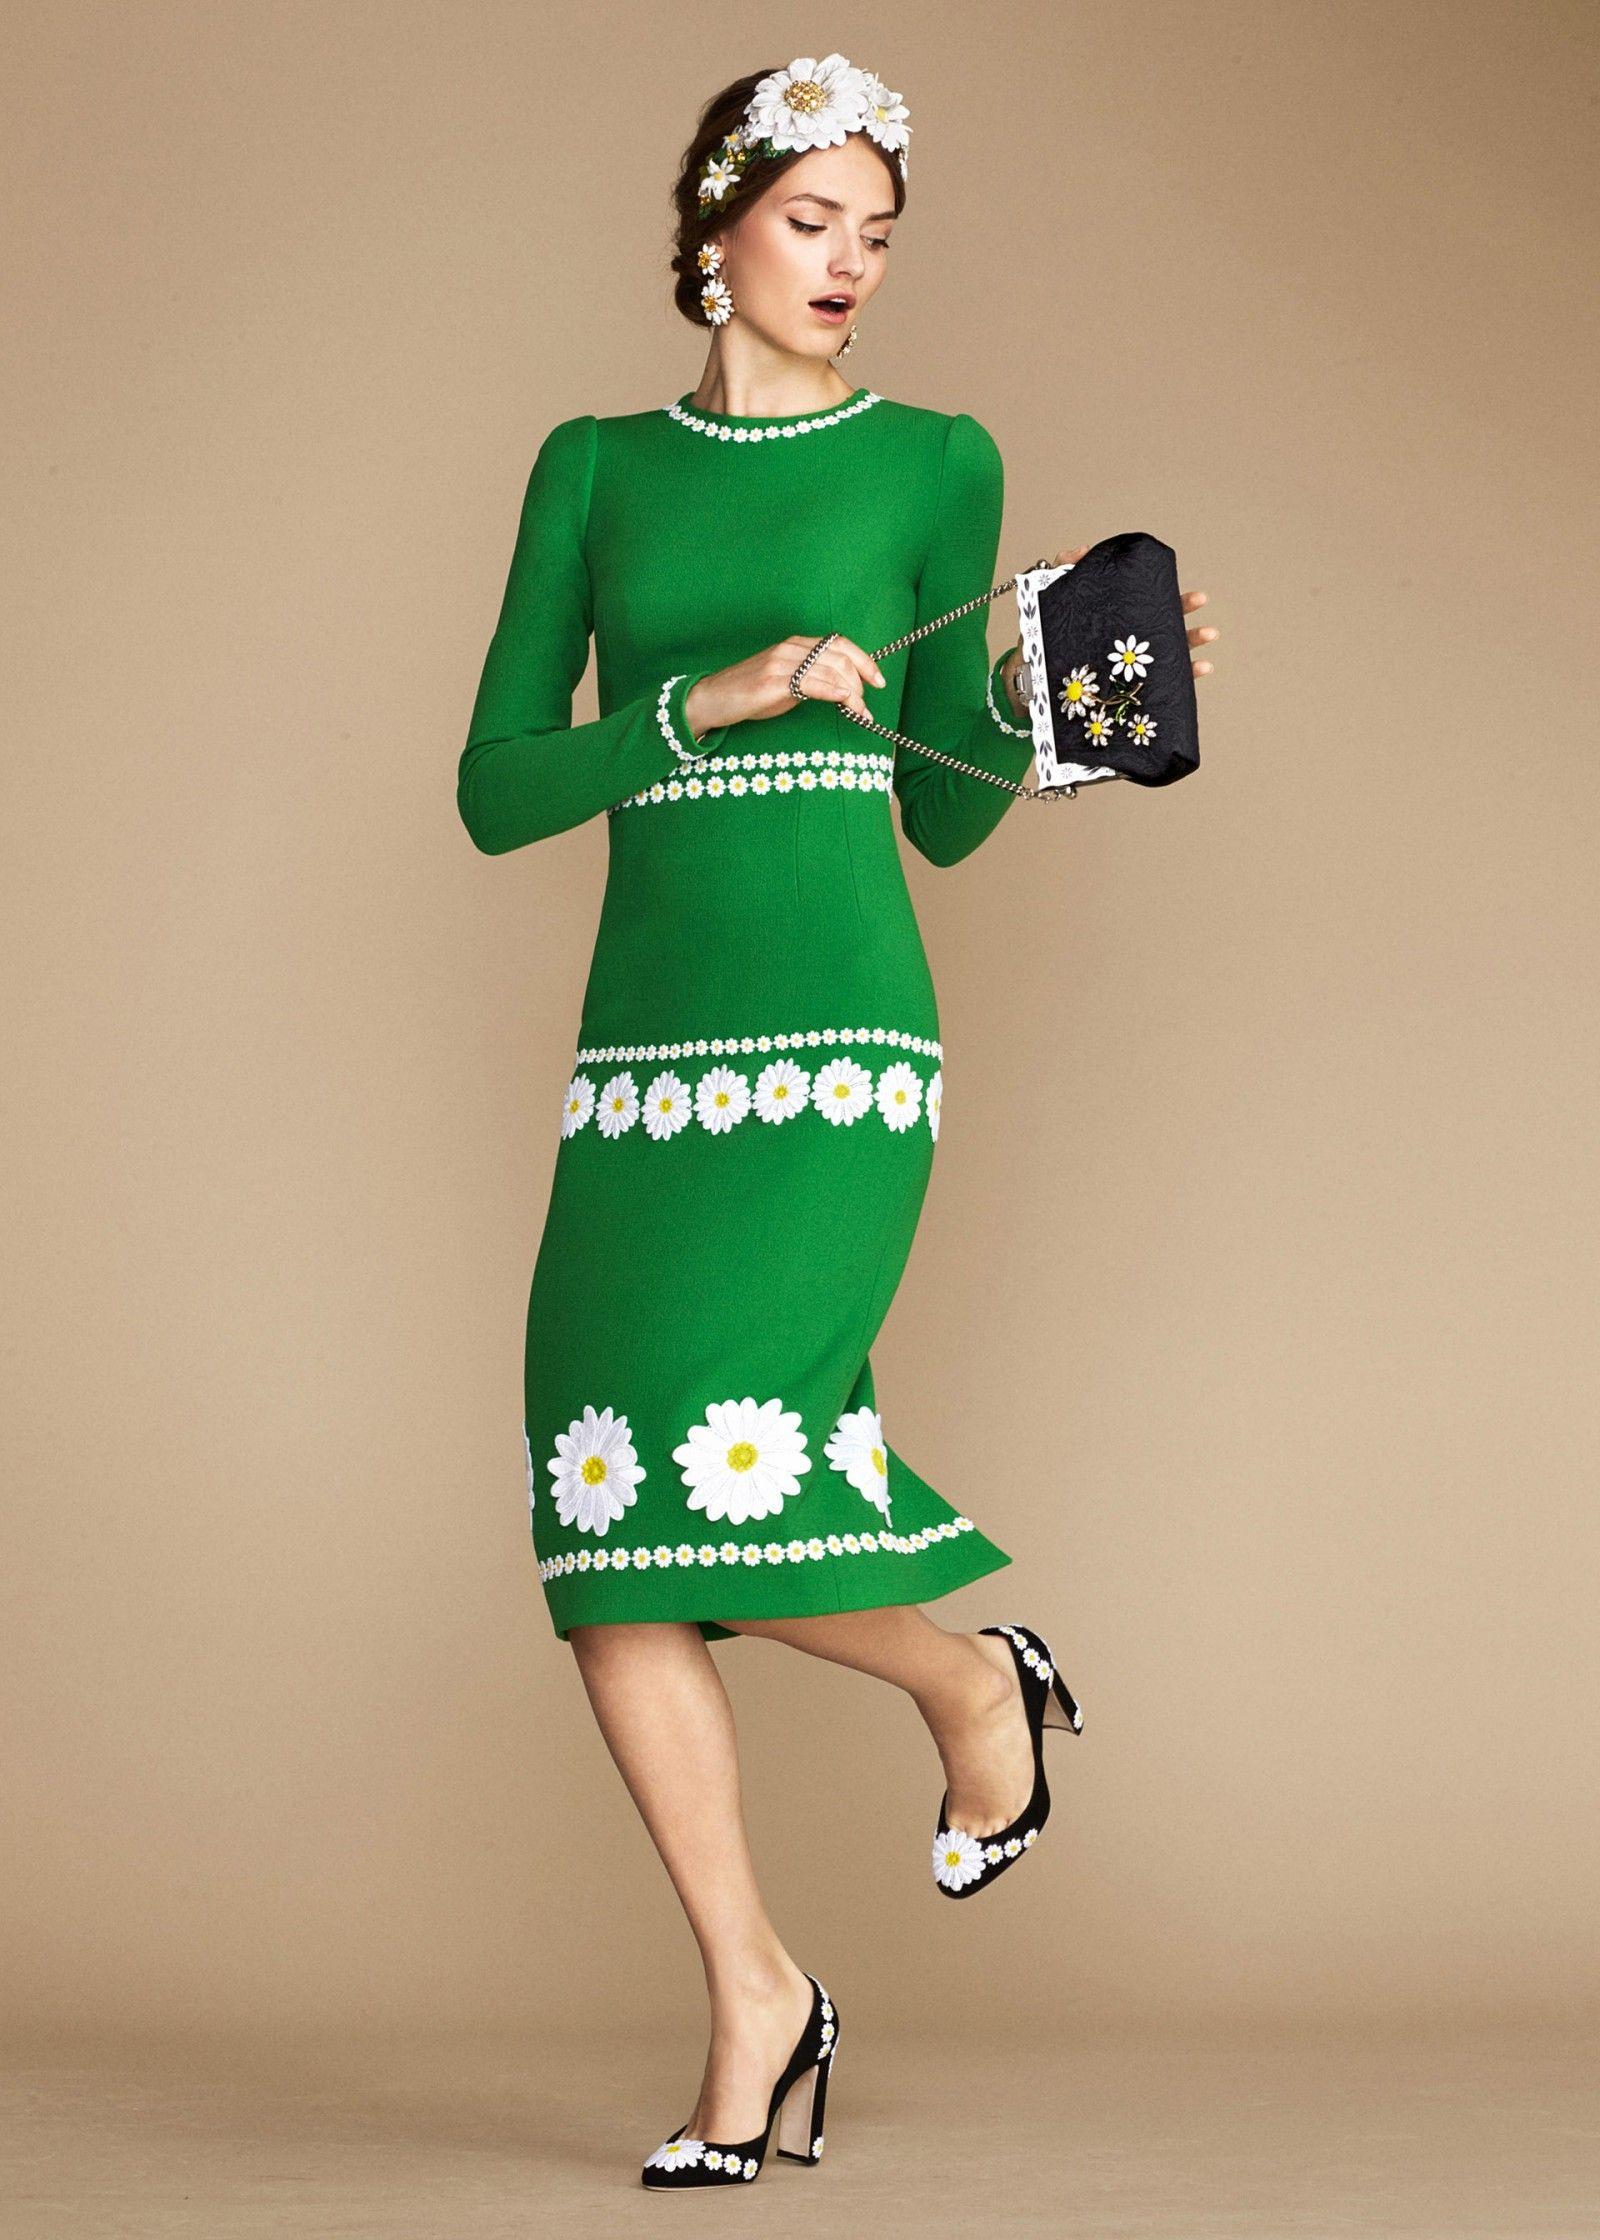 Formal Ausgezeichnet D&G Abendkleider Spezialgebiet13 Elegant D&G Abendkleider Stylish